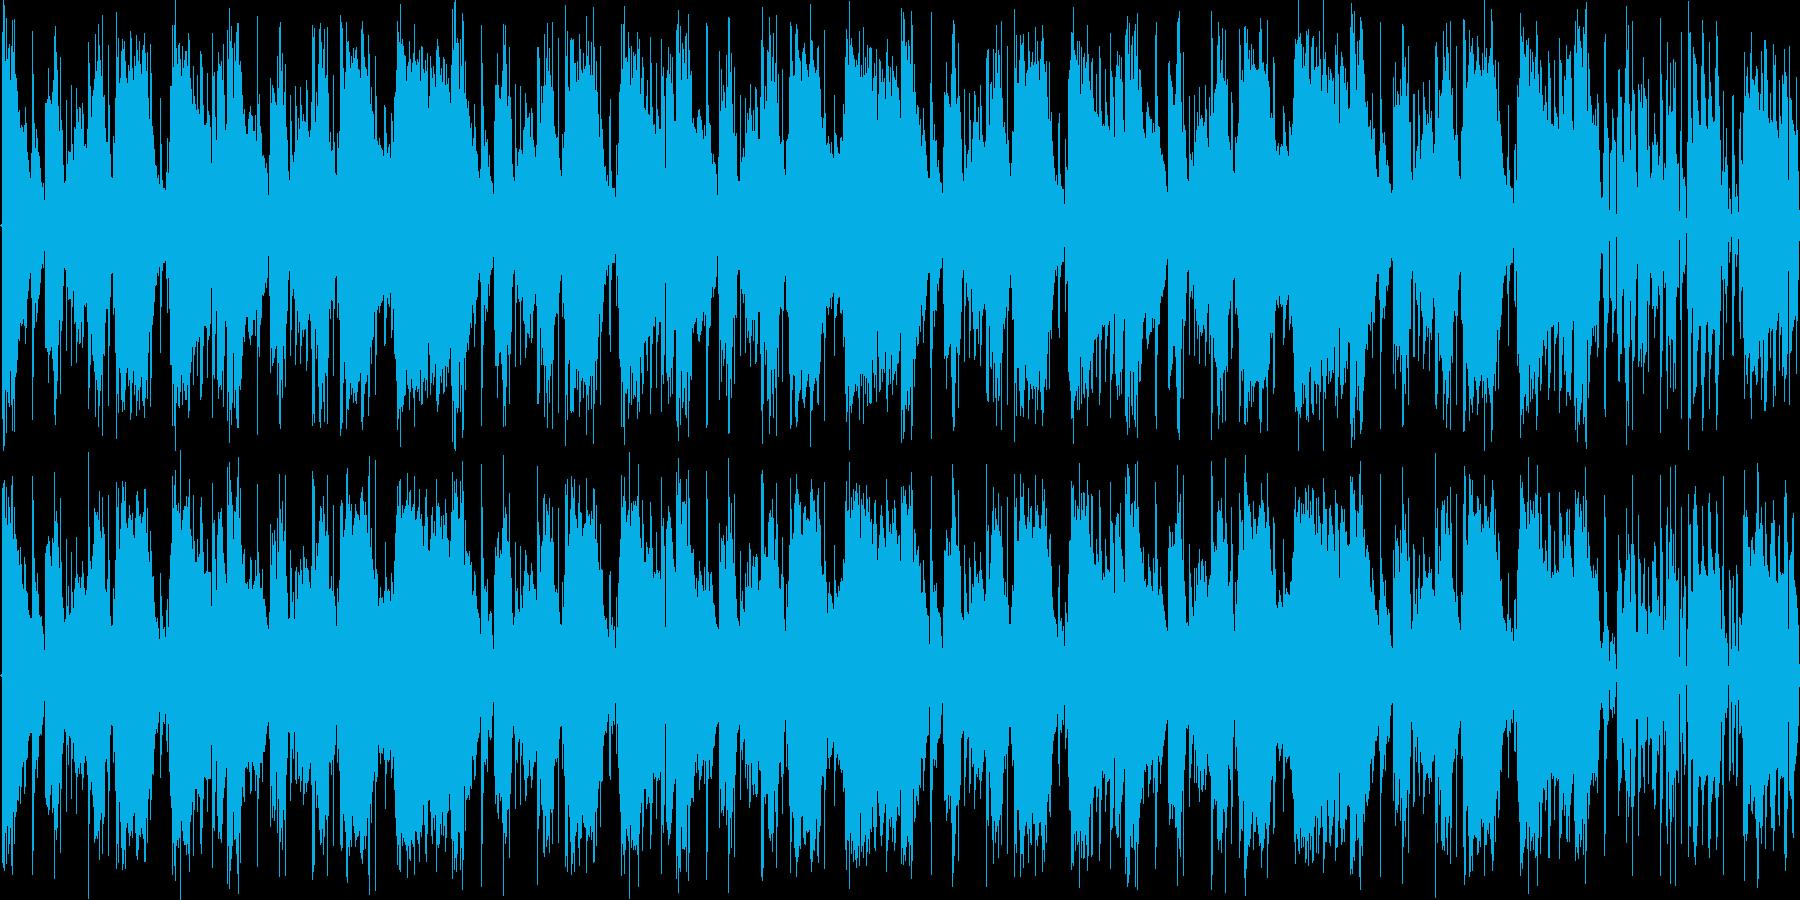 【コミカル/エレクトロニカ/TRAP】の再生済みの波形